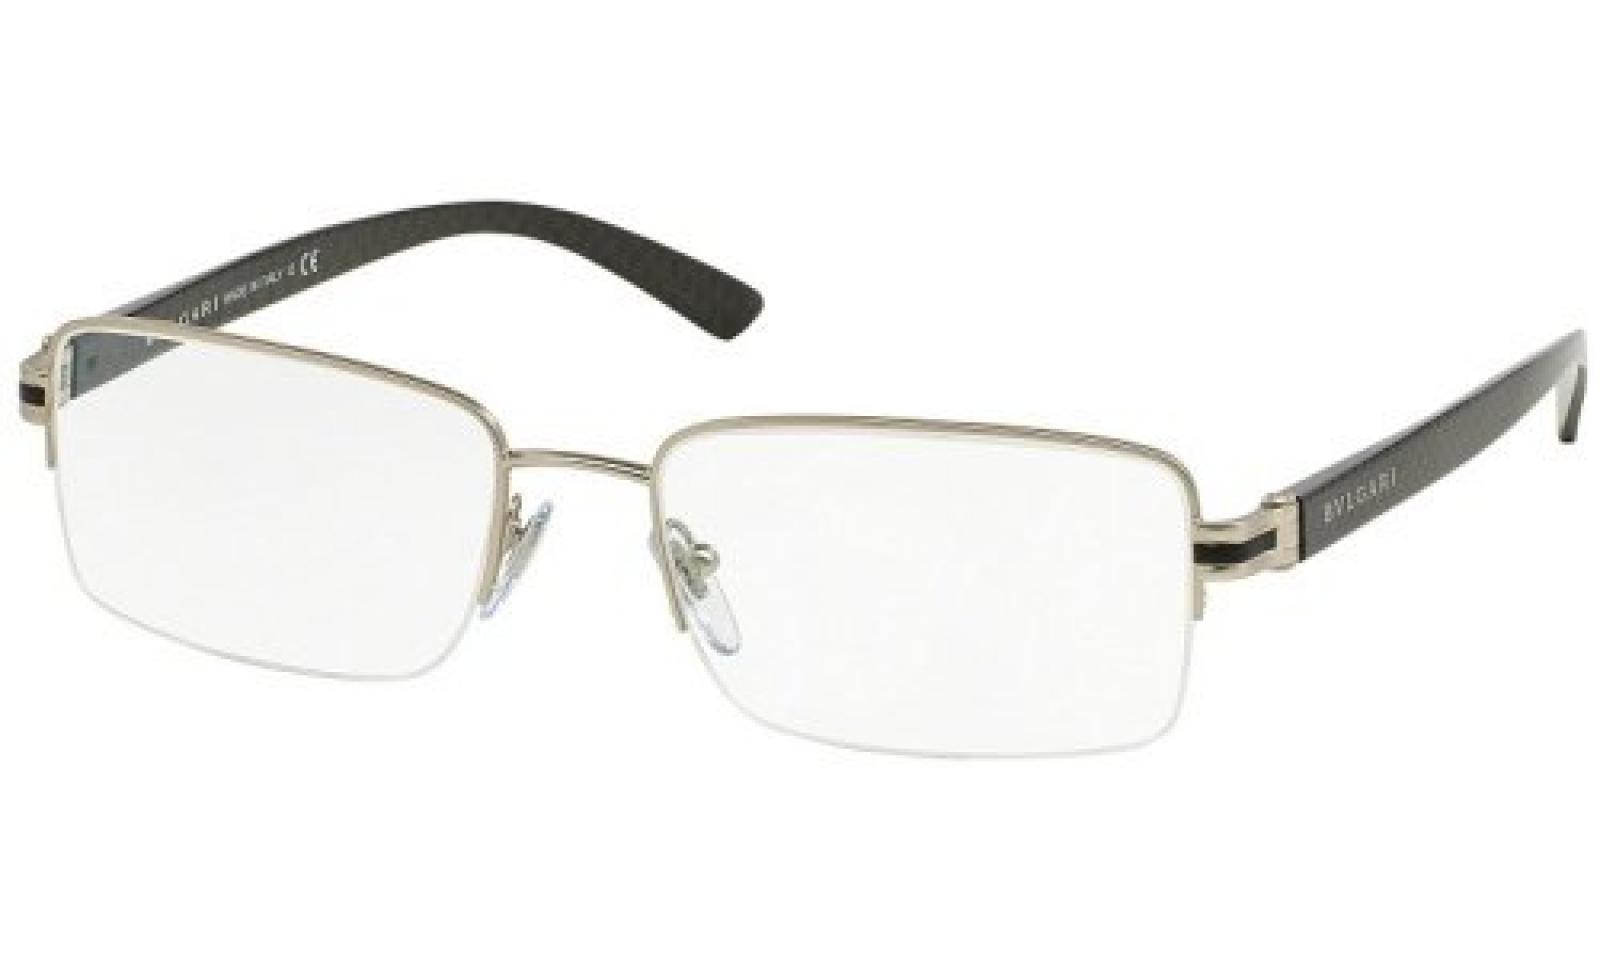 Bulgari Für Mann 1082 Matte Silver Metallgestell Brillen, 53mm